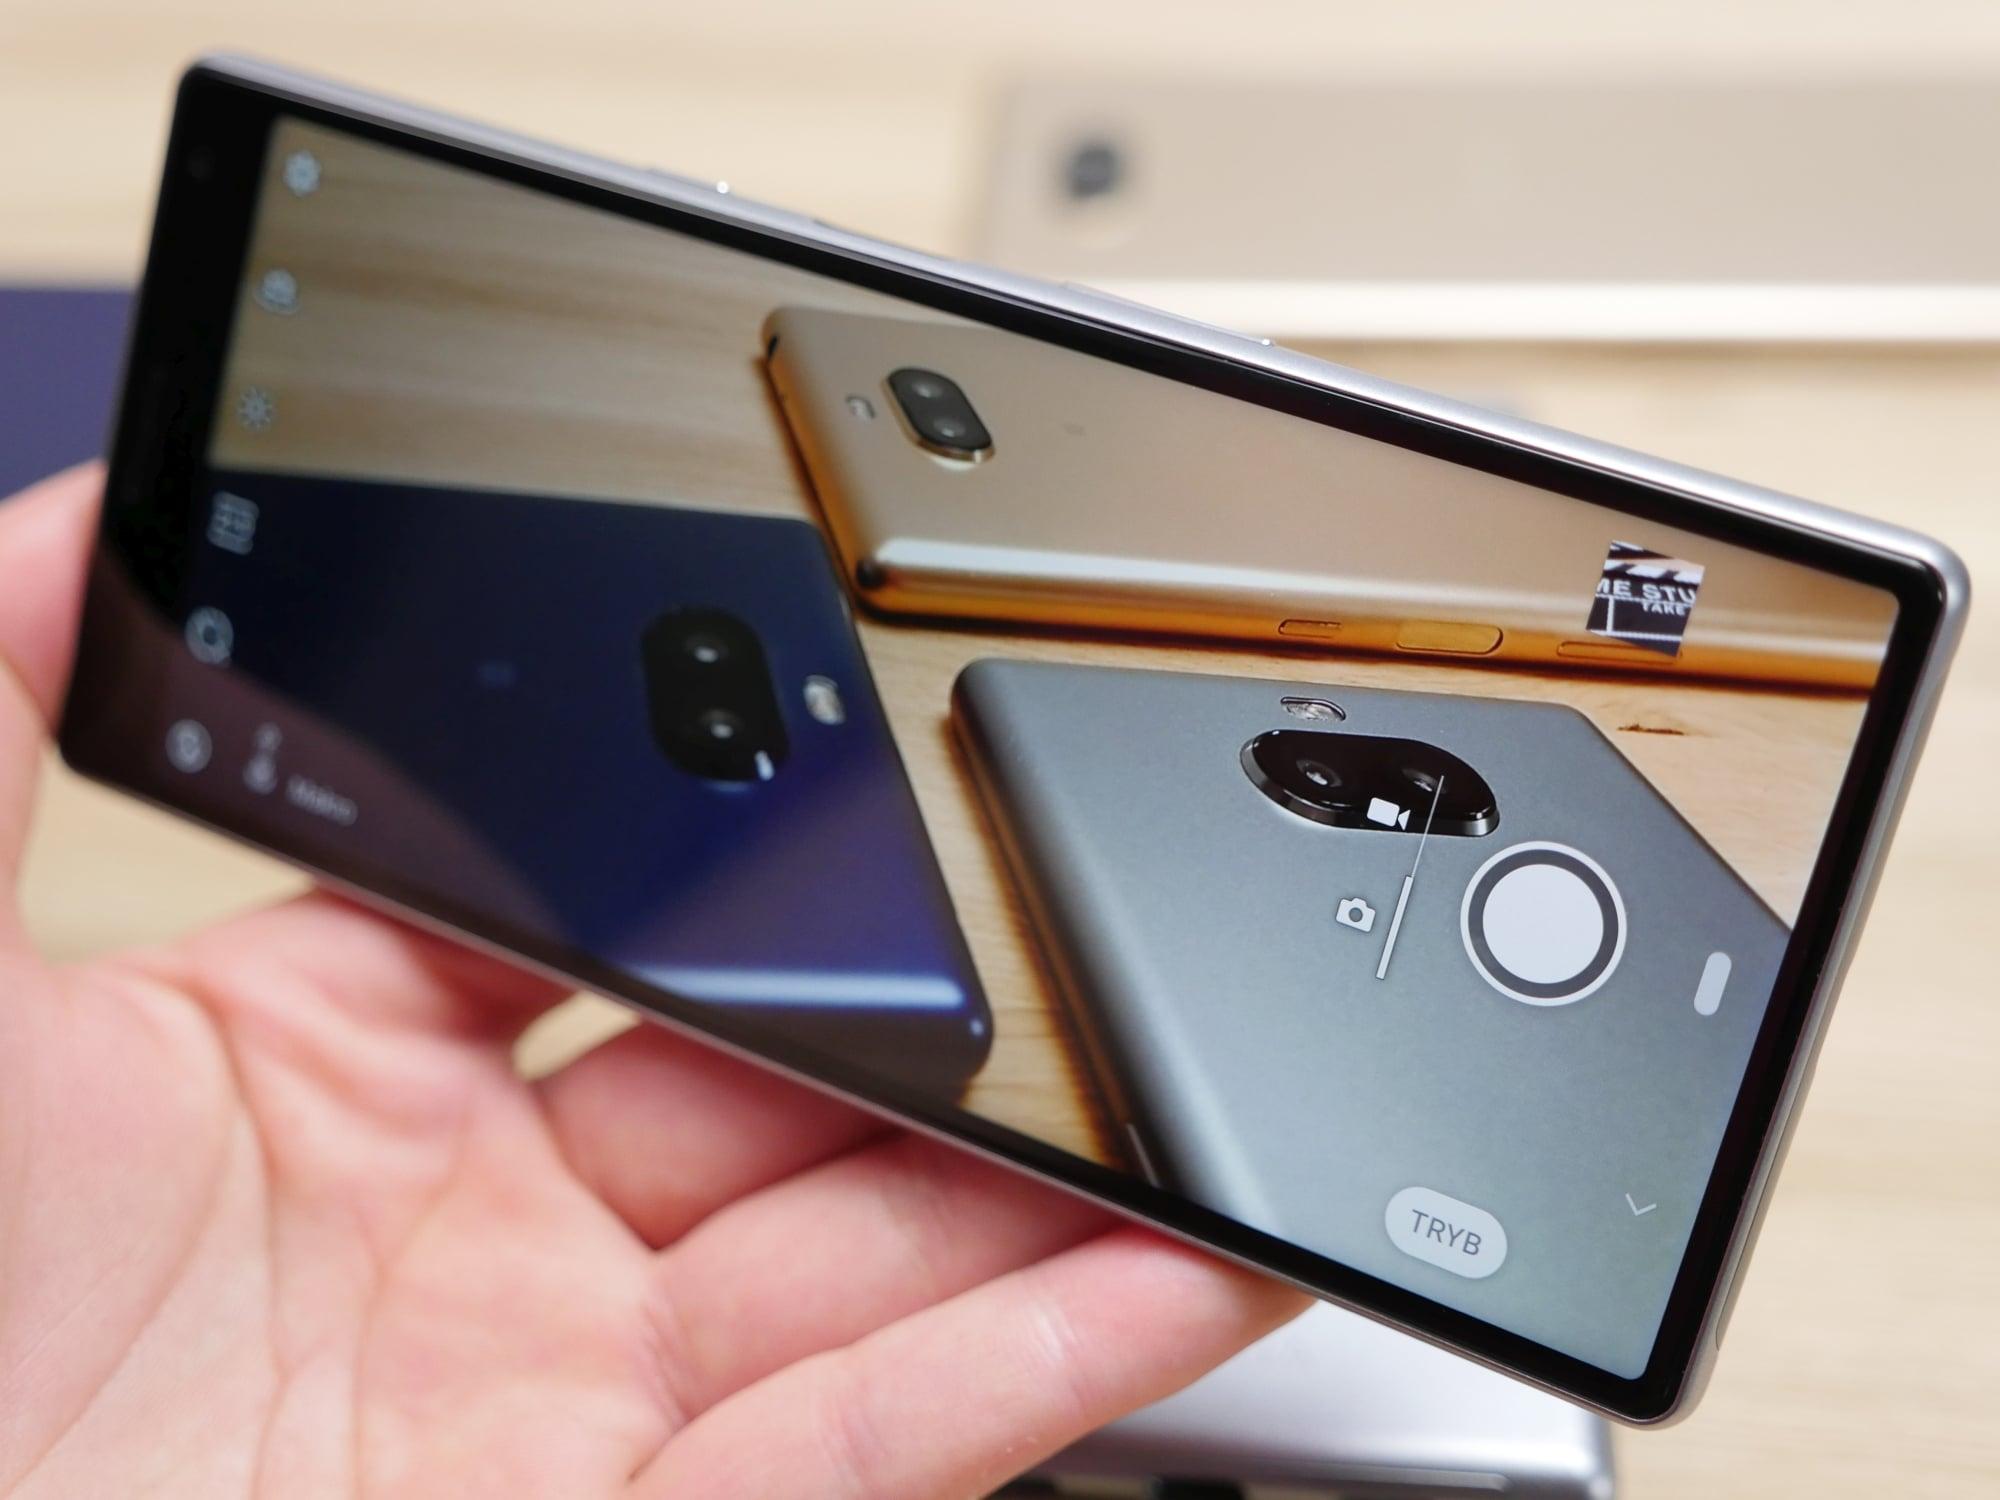 Sony stawia wszystko na kinową kartę: nowe smartfony z ekranami 21:9 21